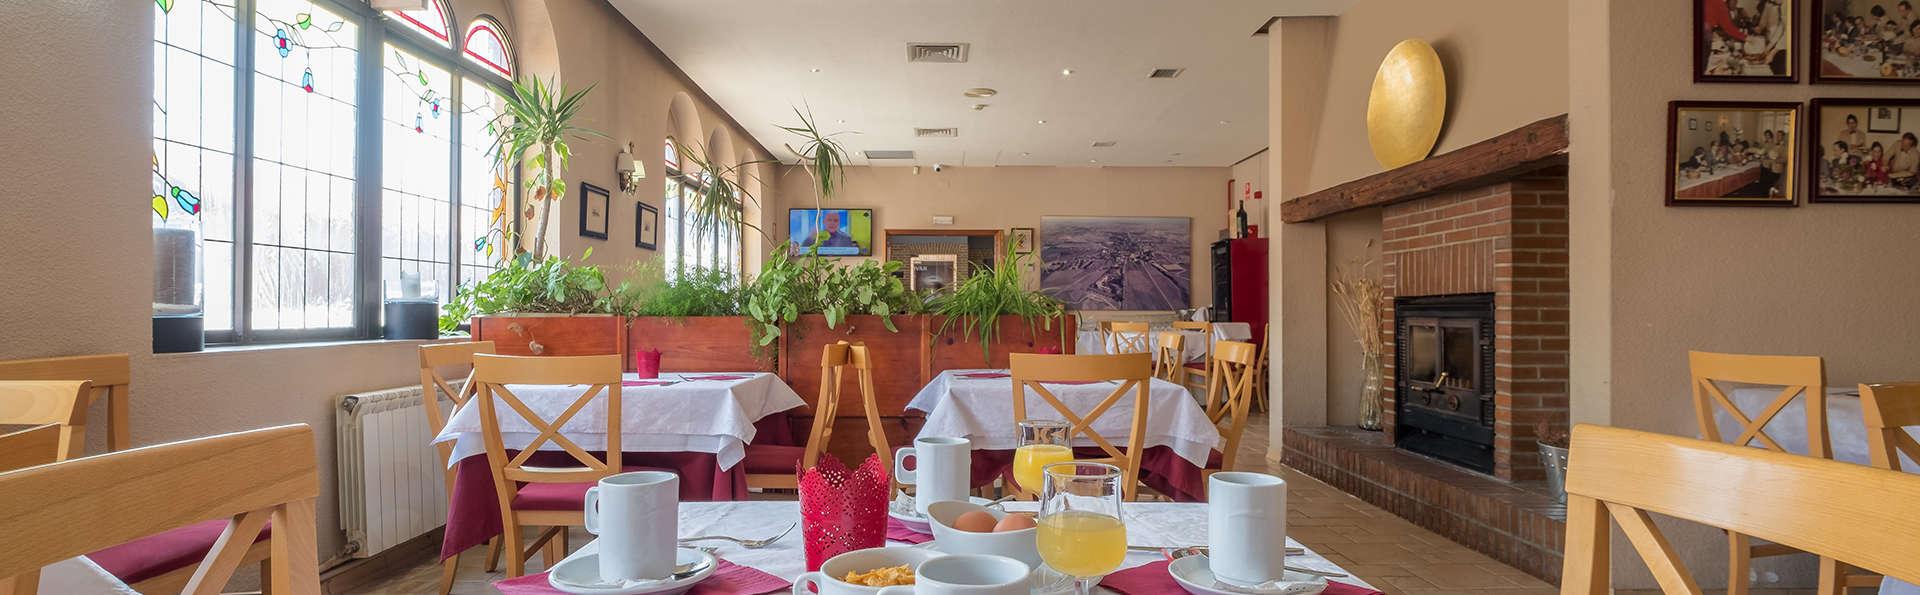 Hotel Vivar - EDIT_breakfast1.jpg